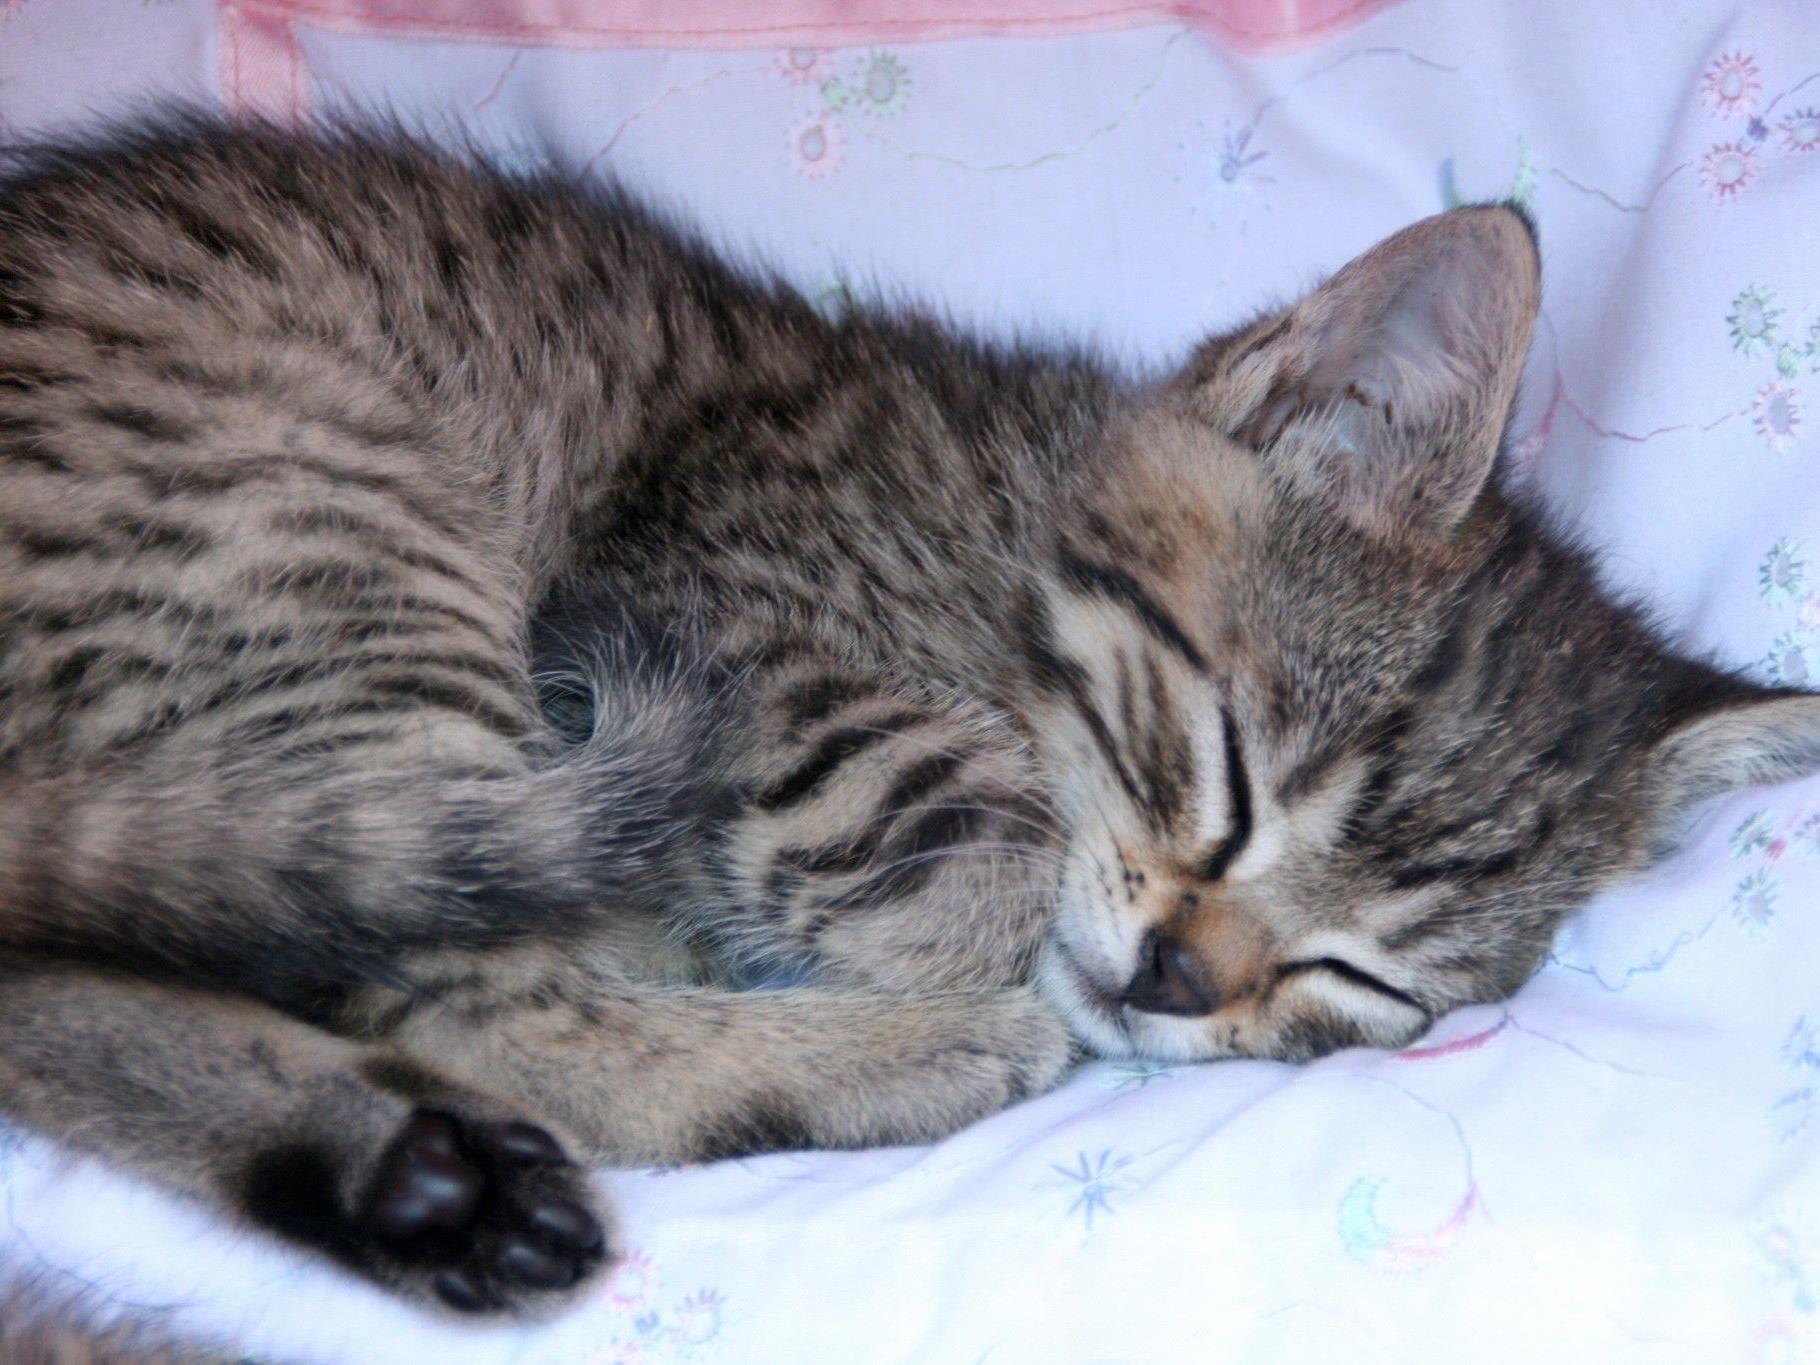 Das Kätzchen wurde nach der Rettung ins Linzer Tierheim gebracht.